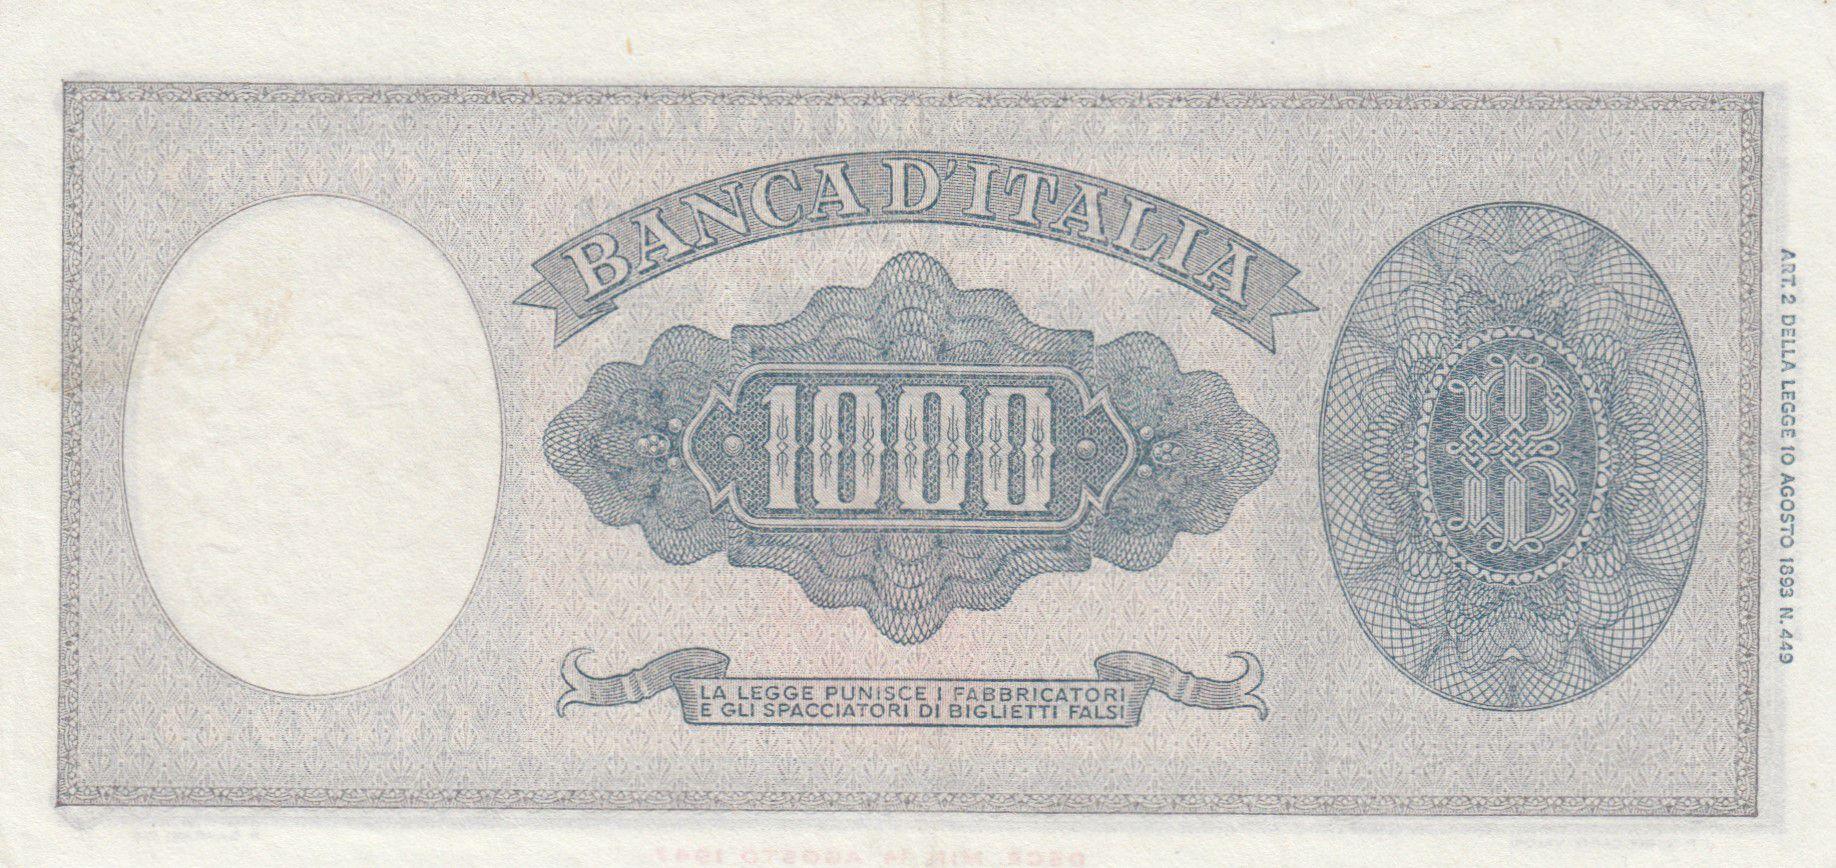 Italie 1000 Lires Italia - 1948 - SUP - Série E 168 - P.88a